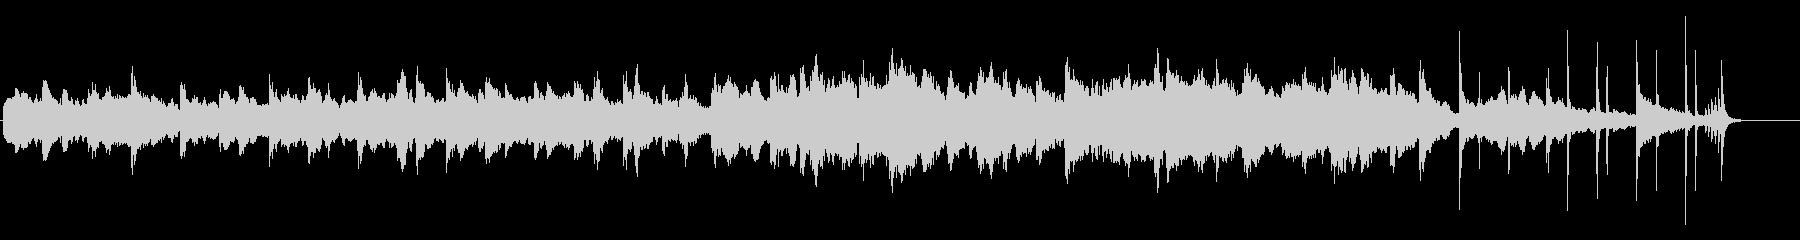 伝統的なケルト音楽に触発された高速...の未再生の波形